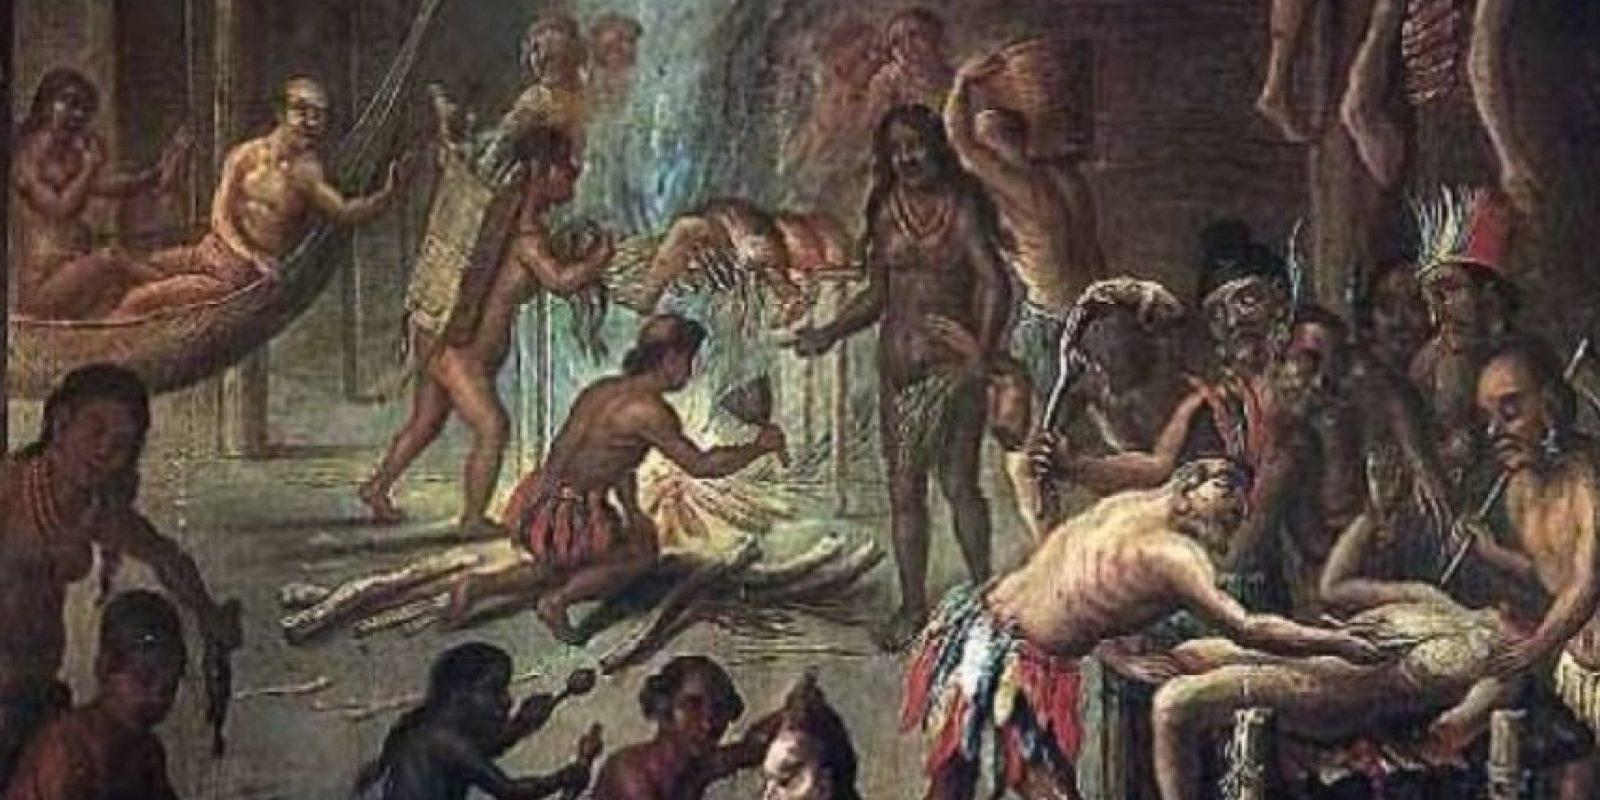 El caníbal alemán Armin Meiwes comió 20 kilogramos de su víctima. Dijo que sabía a carne de cerdo Foto:Wikipedia. Imagen Por: